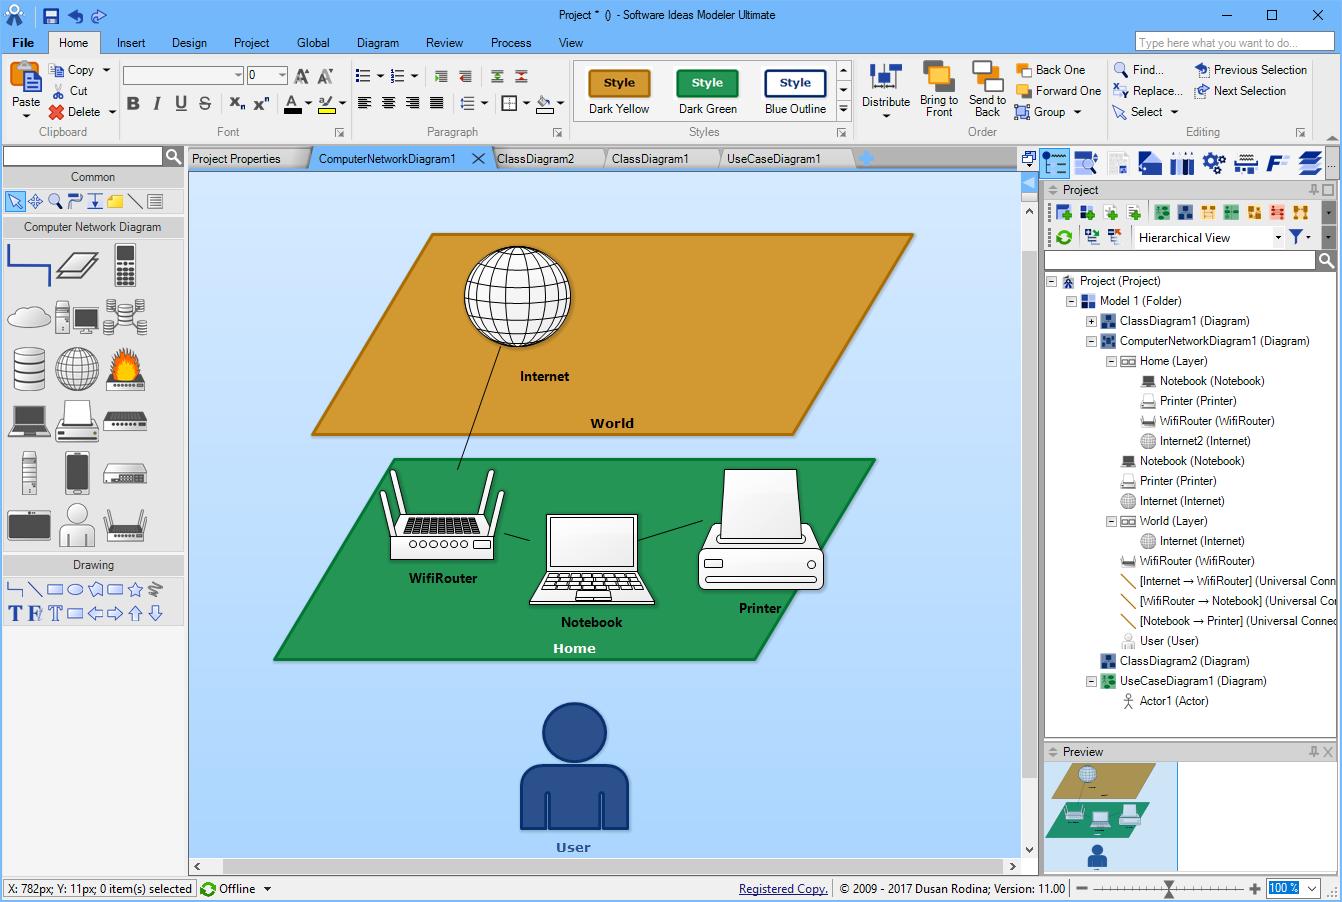 Software Ideas Modeler 11